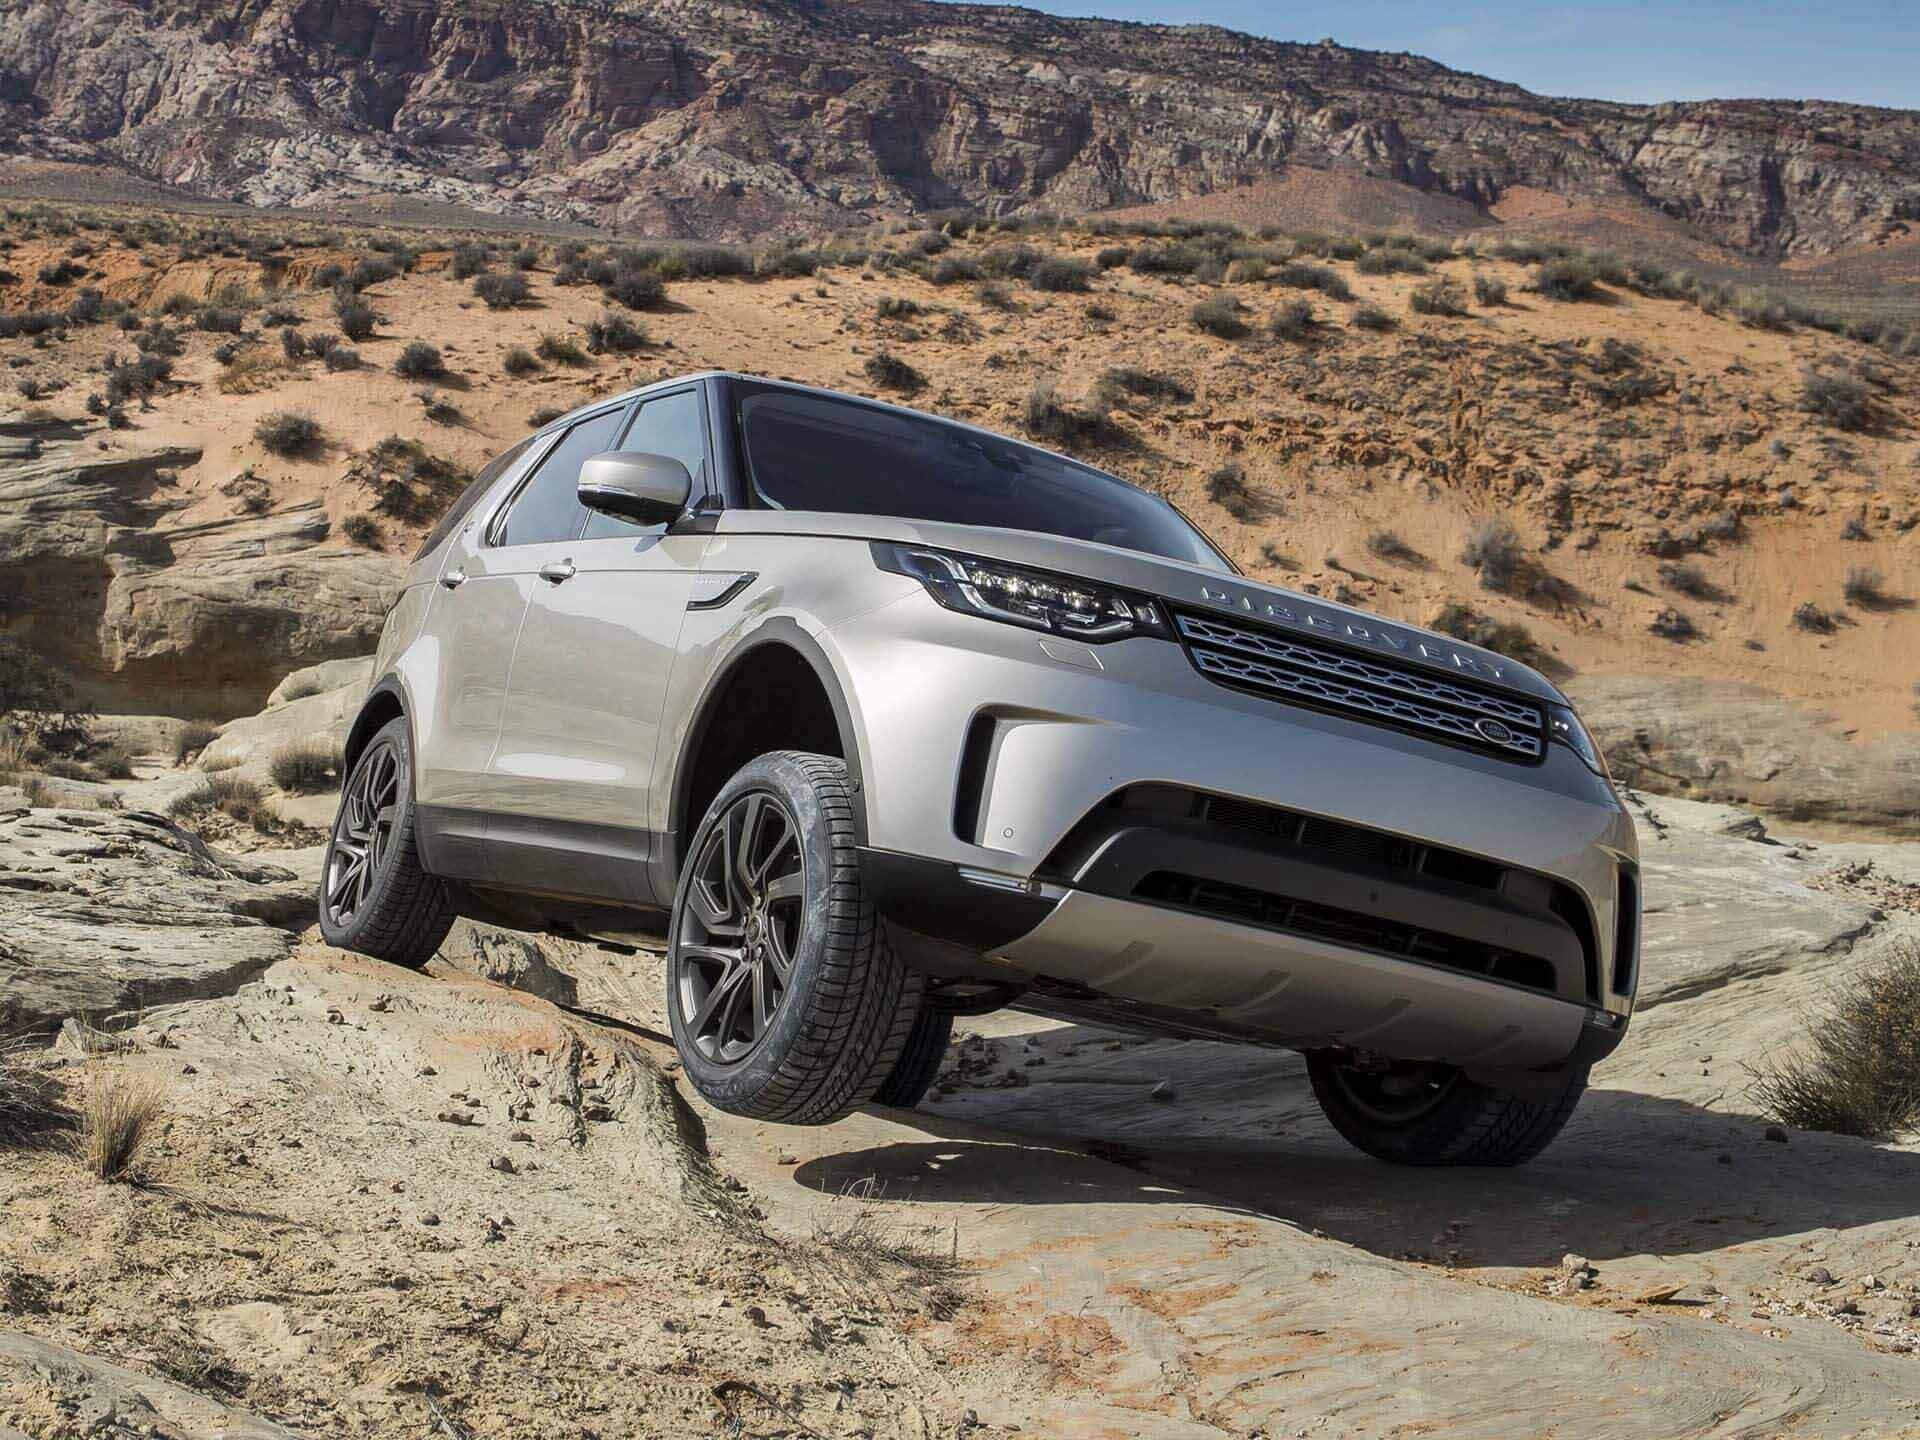 Онлайн покупки автомобилей Jaguar и Land Rover: теперь с доставкой на дом!